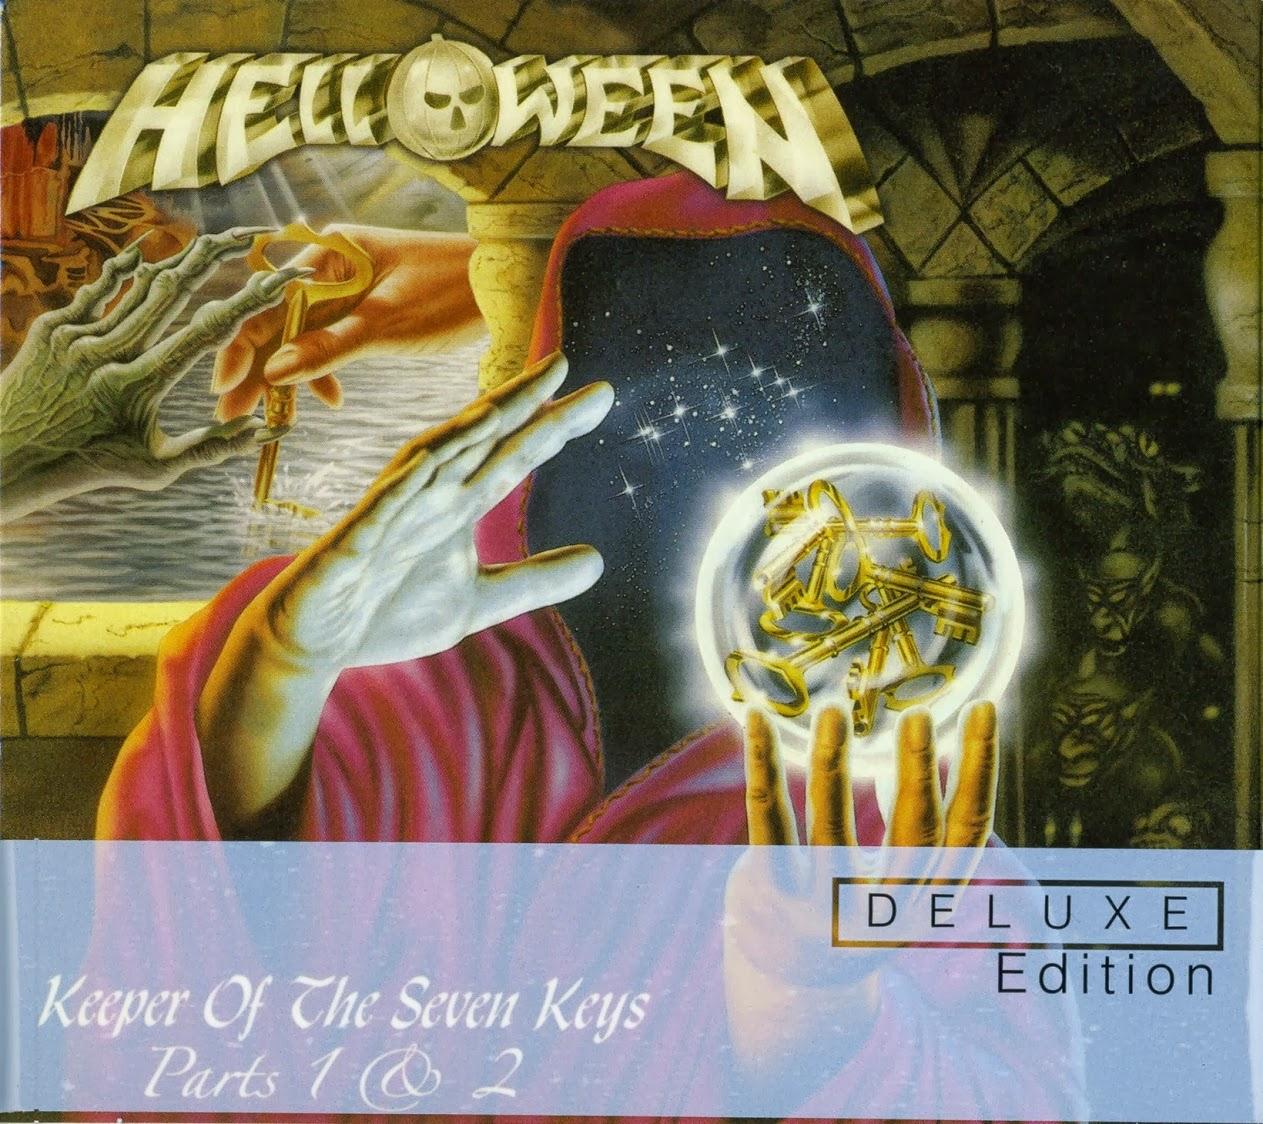 Helloween - Keeper Of The Seven Keys Part 1